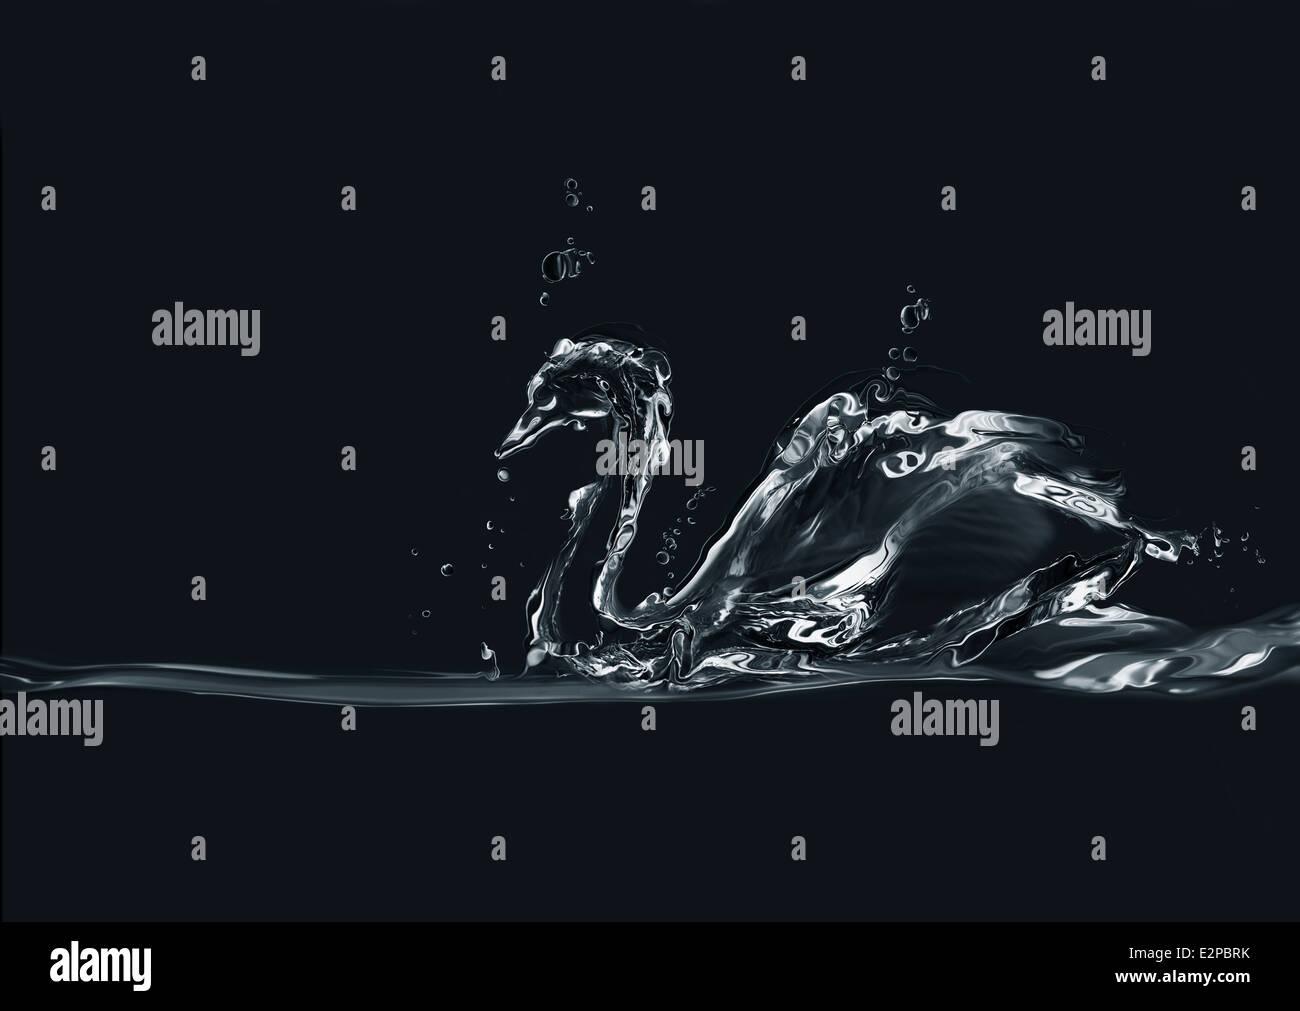 Una silhouette di un cigno fatto di acqua su sfondo nero. Foto Stock